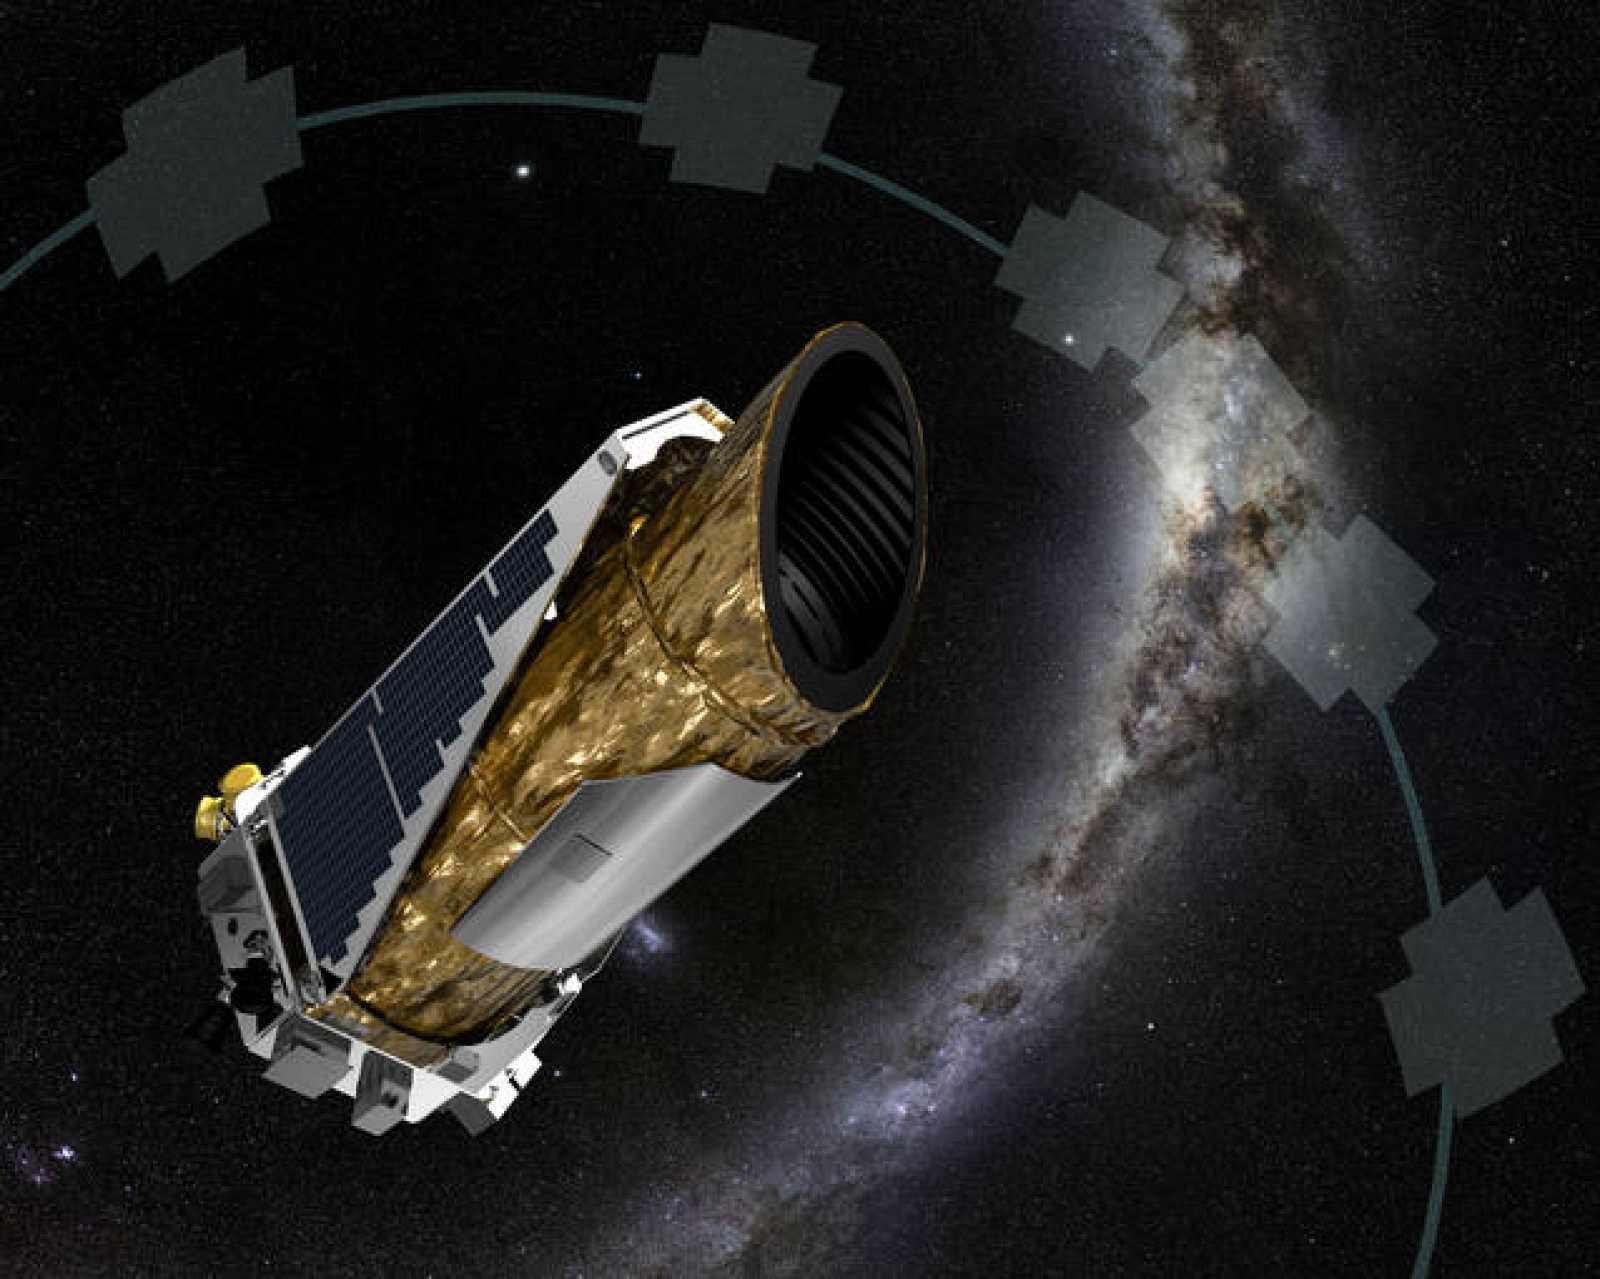 Impresión artística del telescopio espacial Kepler y de las zonas del espacio que va observando en la misión K2